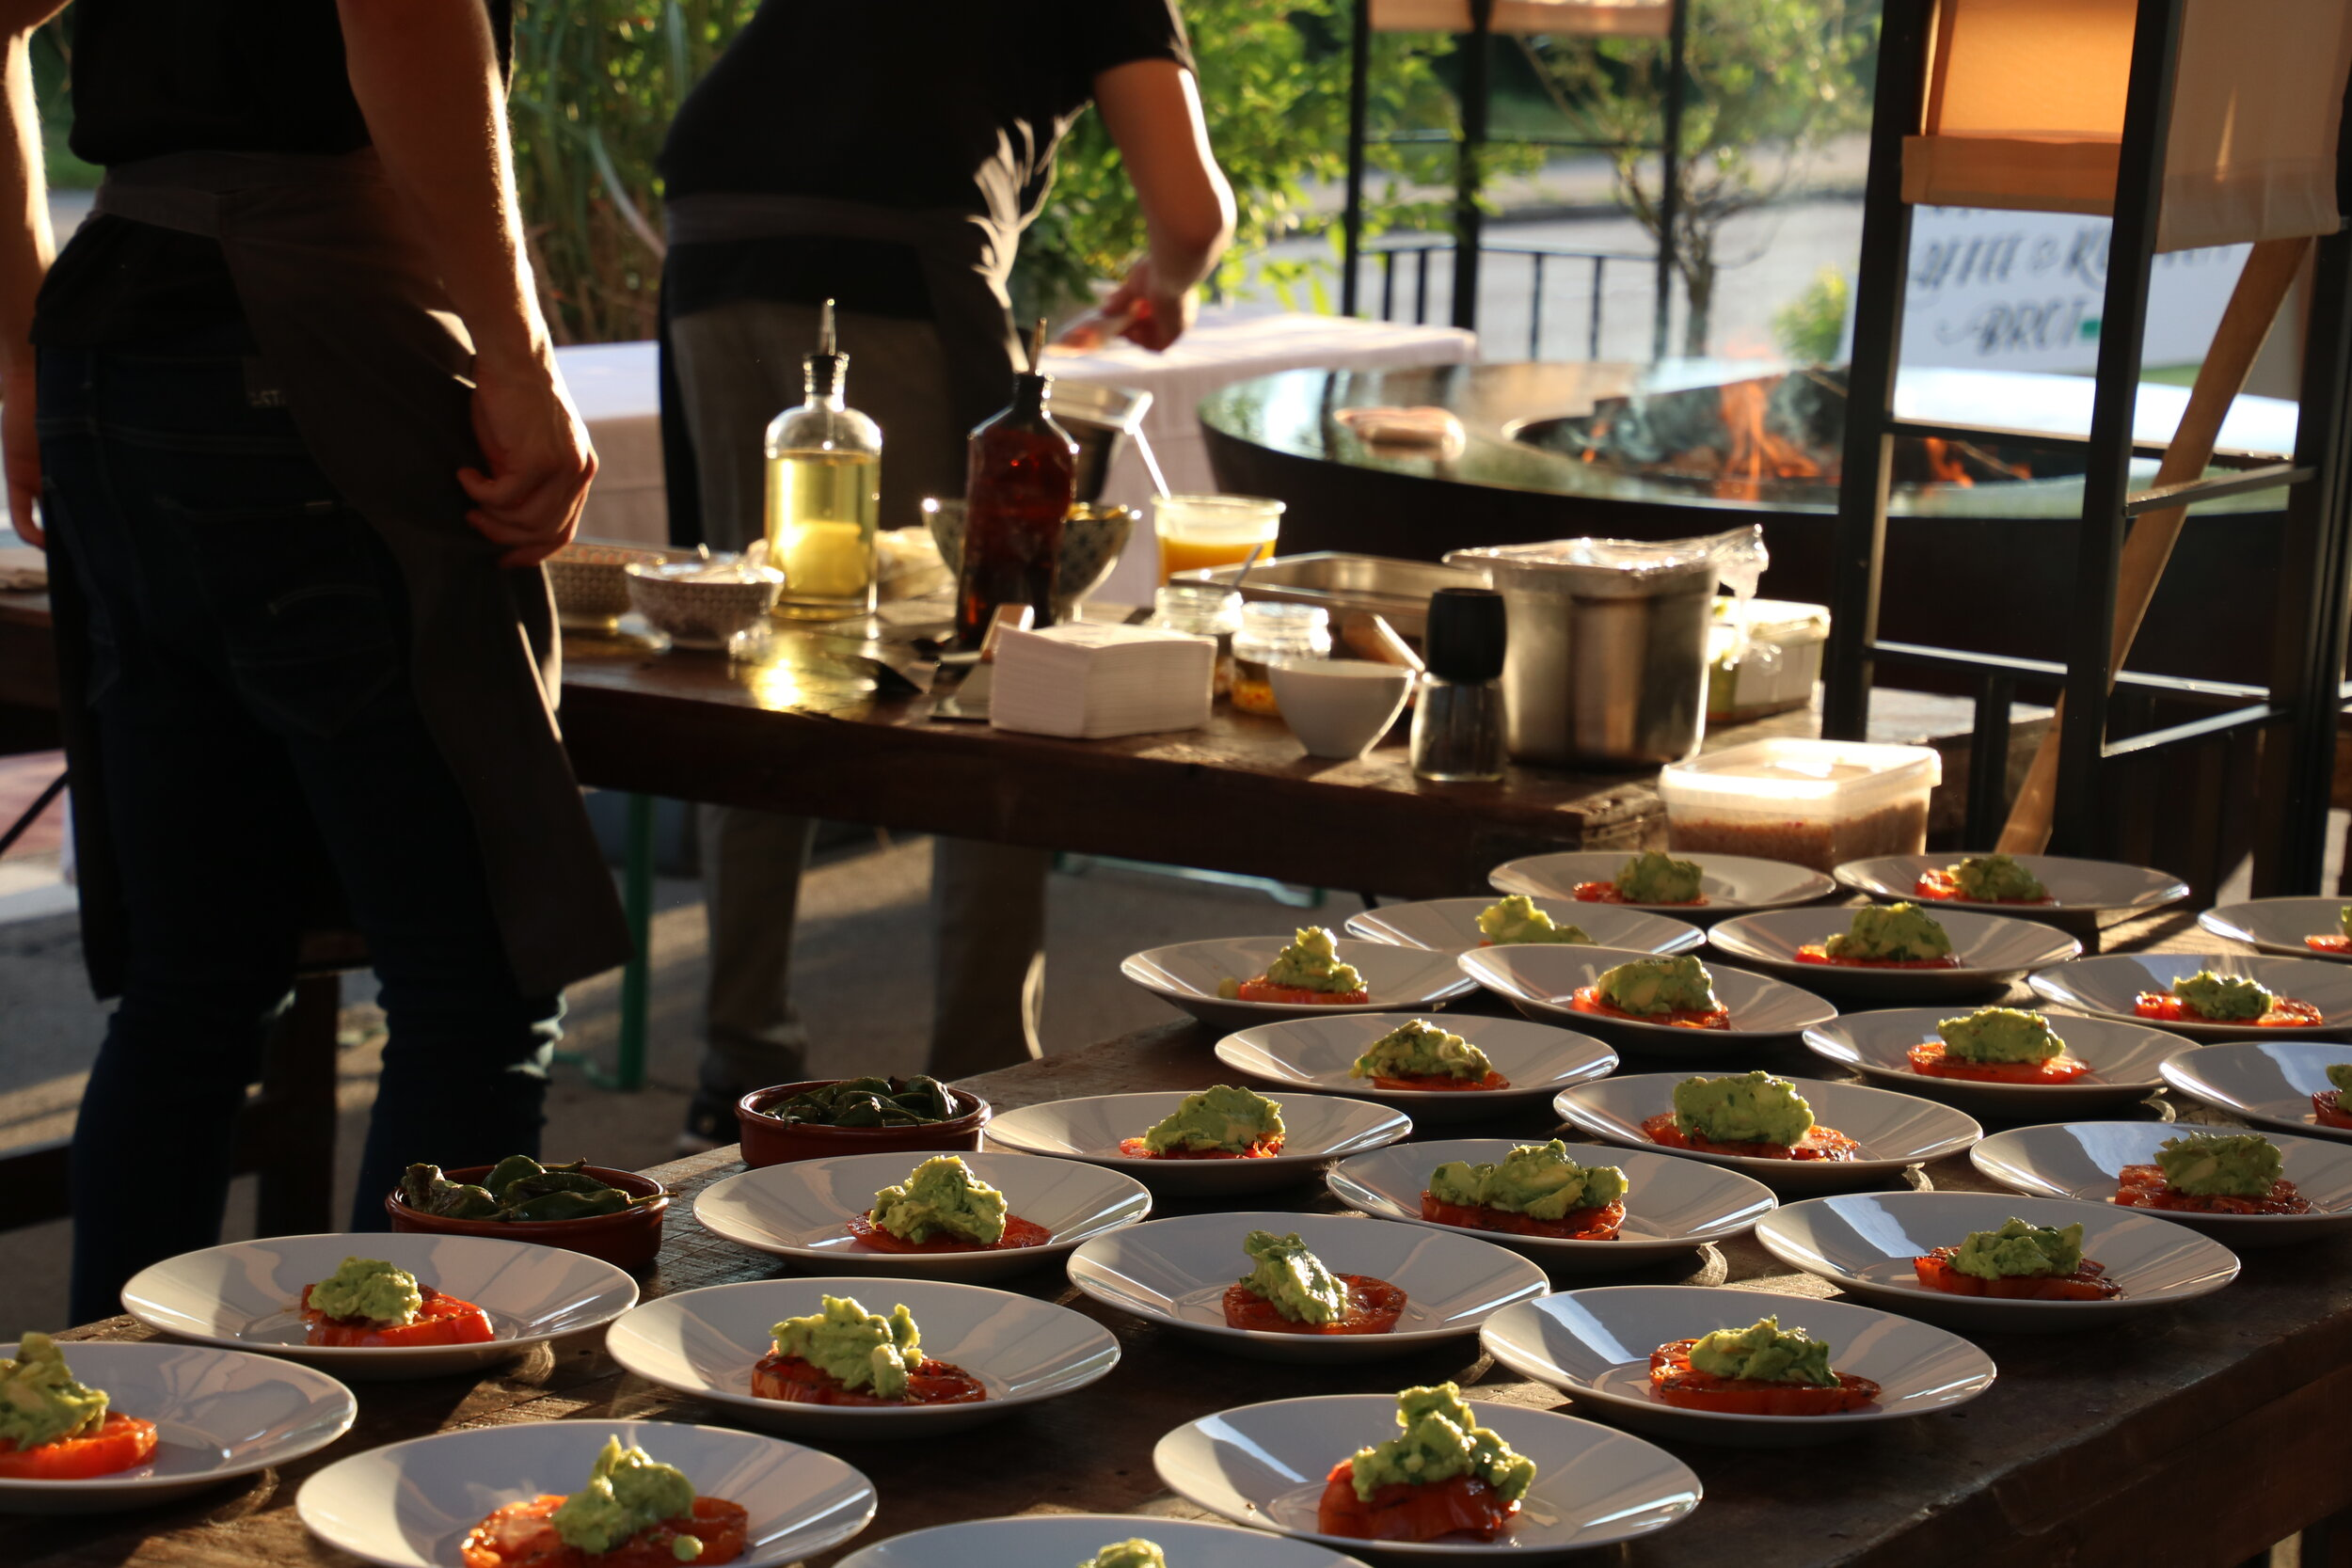 Das Miller`s Catering - Das Miller`s Catering, so einzigartig wie Ihre Feier. Ob im eigenen Garten, bei uns im Restaurant oder an jeder anderen Location - wir kümmern uns um Ihre Wünsche. In Verbindung mit unserer Erfahrung und der großen Leidenschaft für das, was wir tun, gelingt es uns, dass Catering, Service oder Veranstaltungskonzept perfekt zueinander passen. Ob BBQ, Pizza aus dem Holzofen, Fingerfood Buffet oder Gänge Menu a la Carte - wir sorgen für einen besonderen Abend.Gerne stellen wir Ihnen Ihr persönliches Angebot zusammenIhr Miller`s Team um Maria